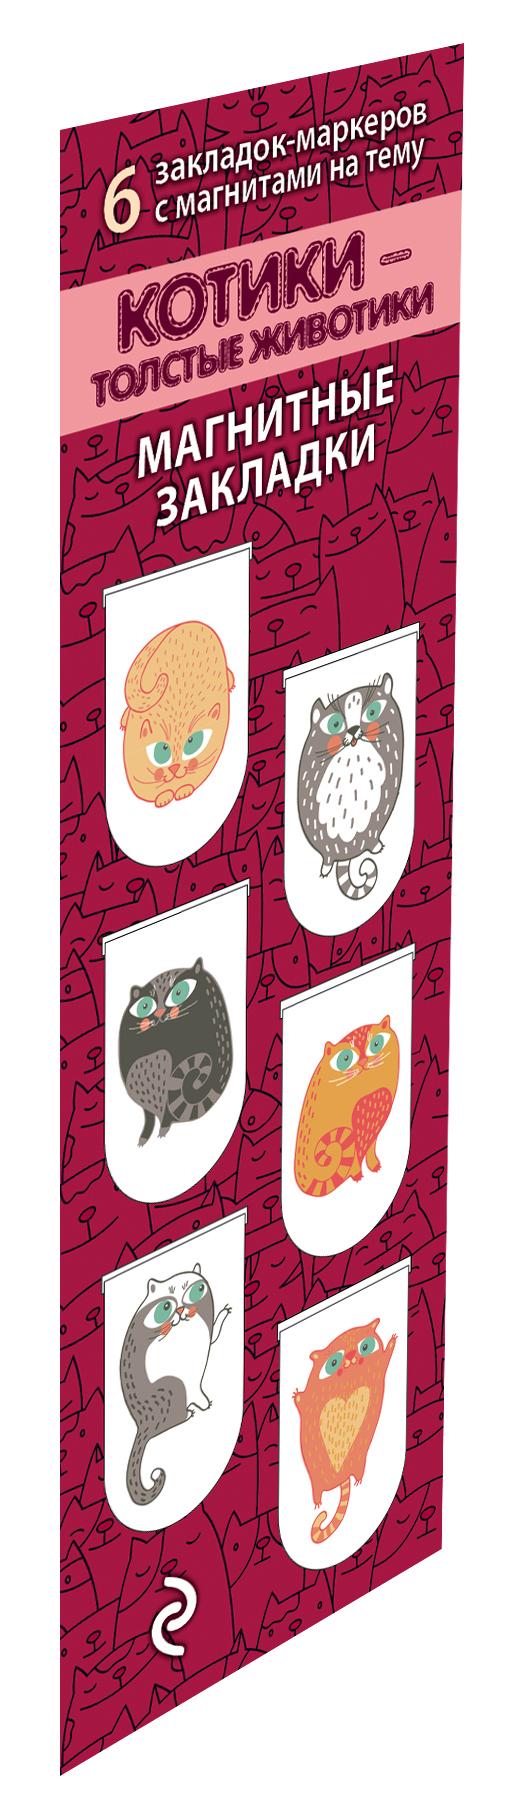 Магнитные закладки. Котики-толстые животики (6 закладок полукругл.)